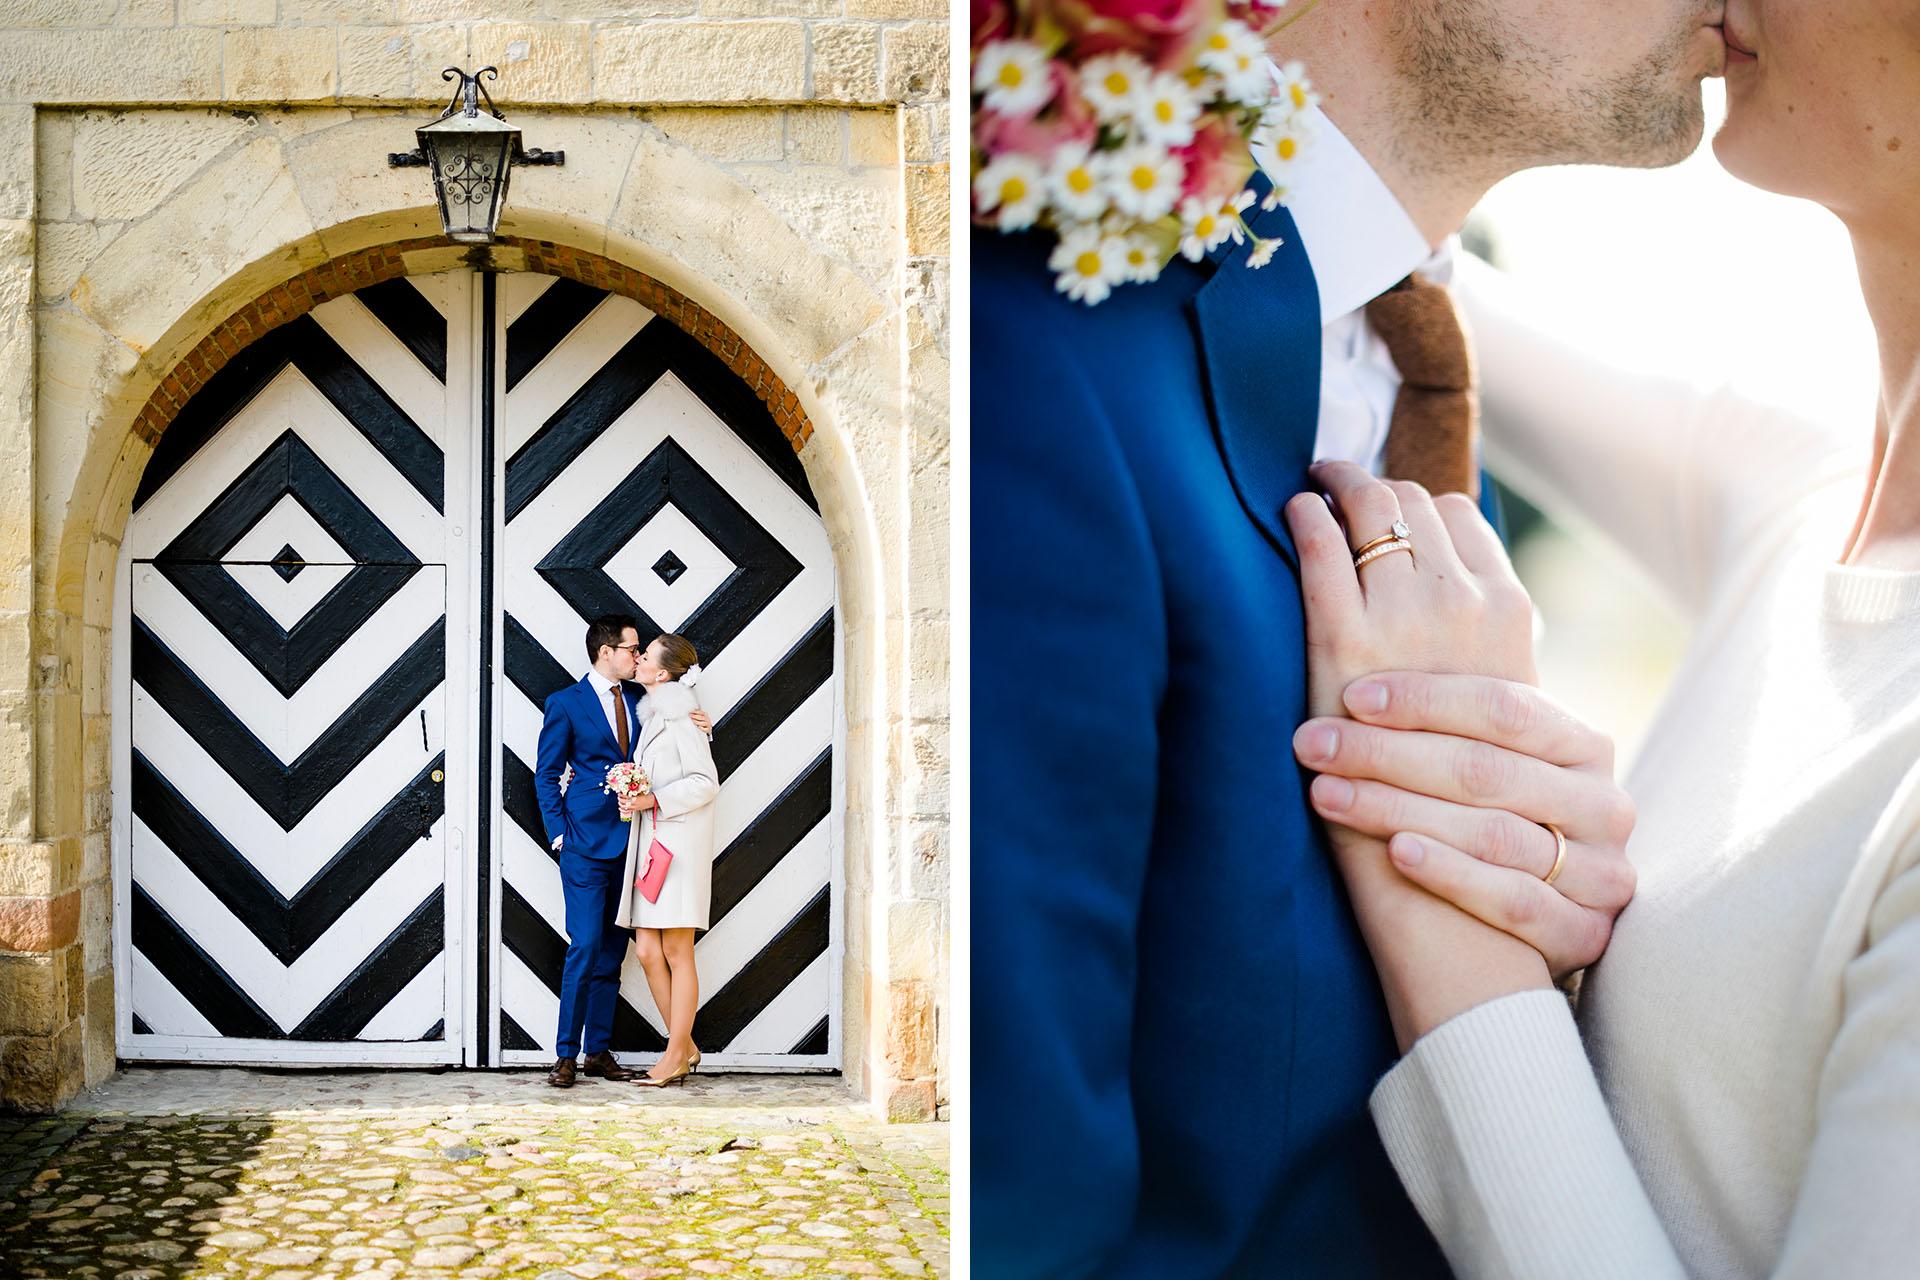 Hochzeitsfotos Münster: Sehr elegantes Hochzeitspaar vor Zebragestreifter Tür.